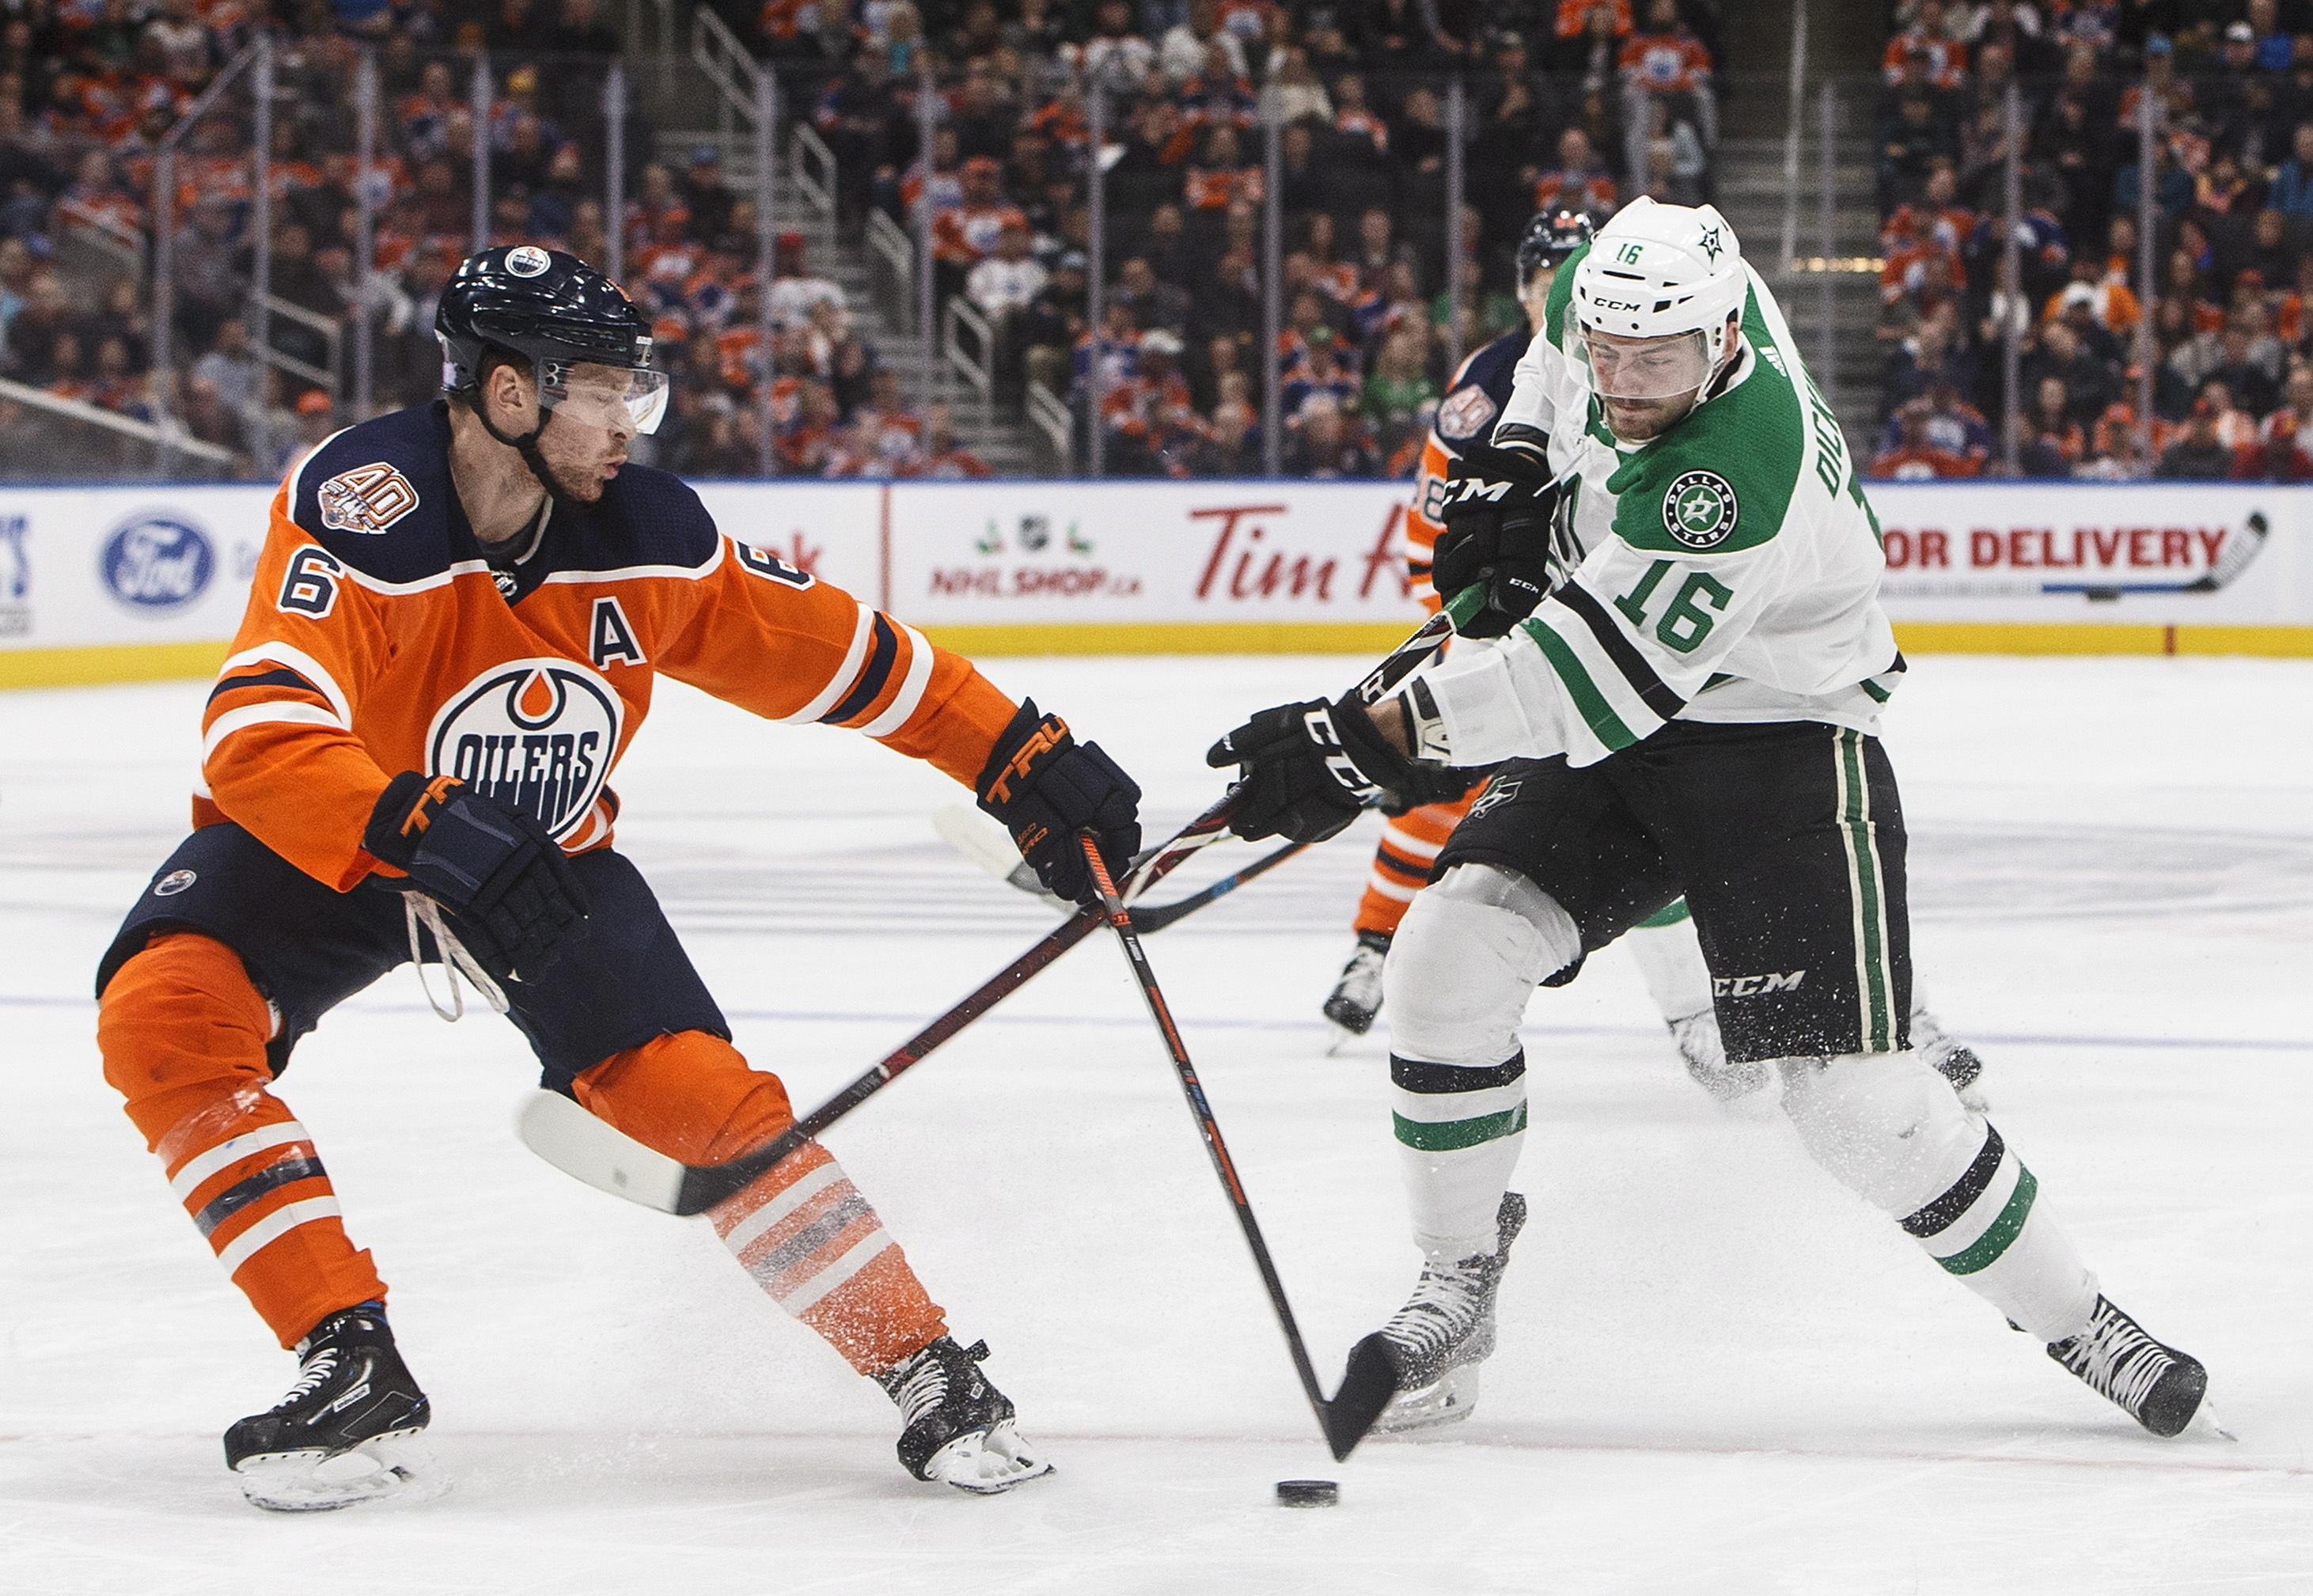 Klefbom's 1st goal leads Oilers to 1-0 OT win over Stars